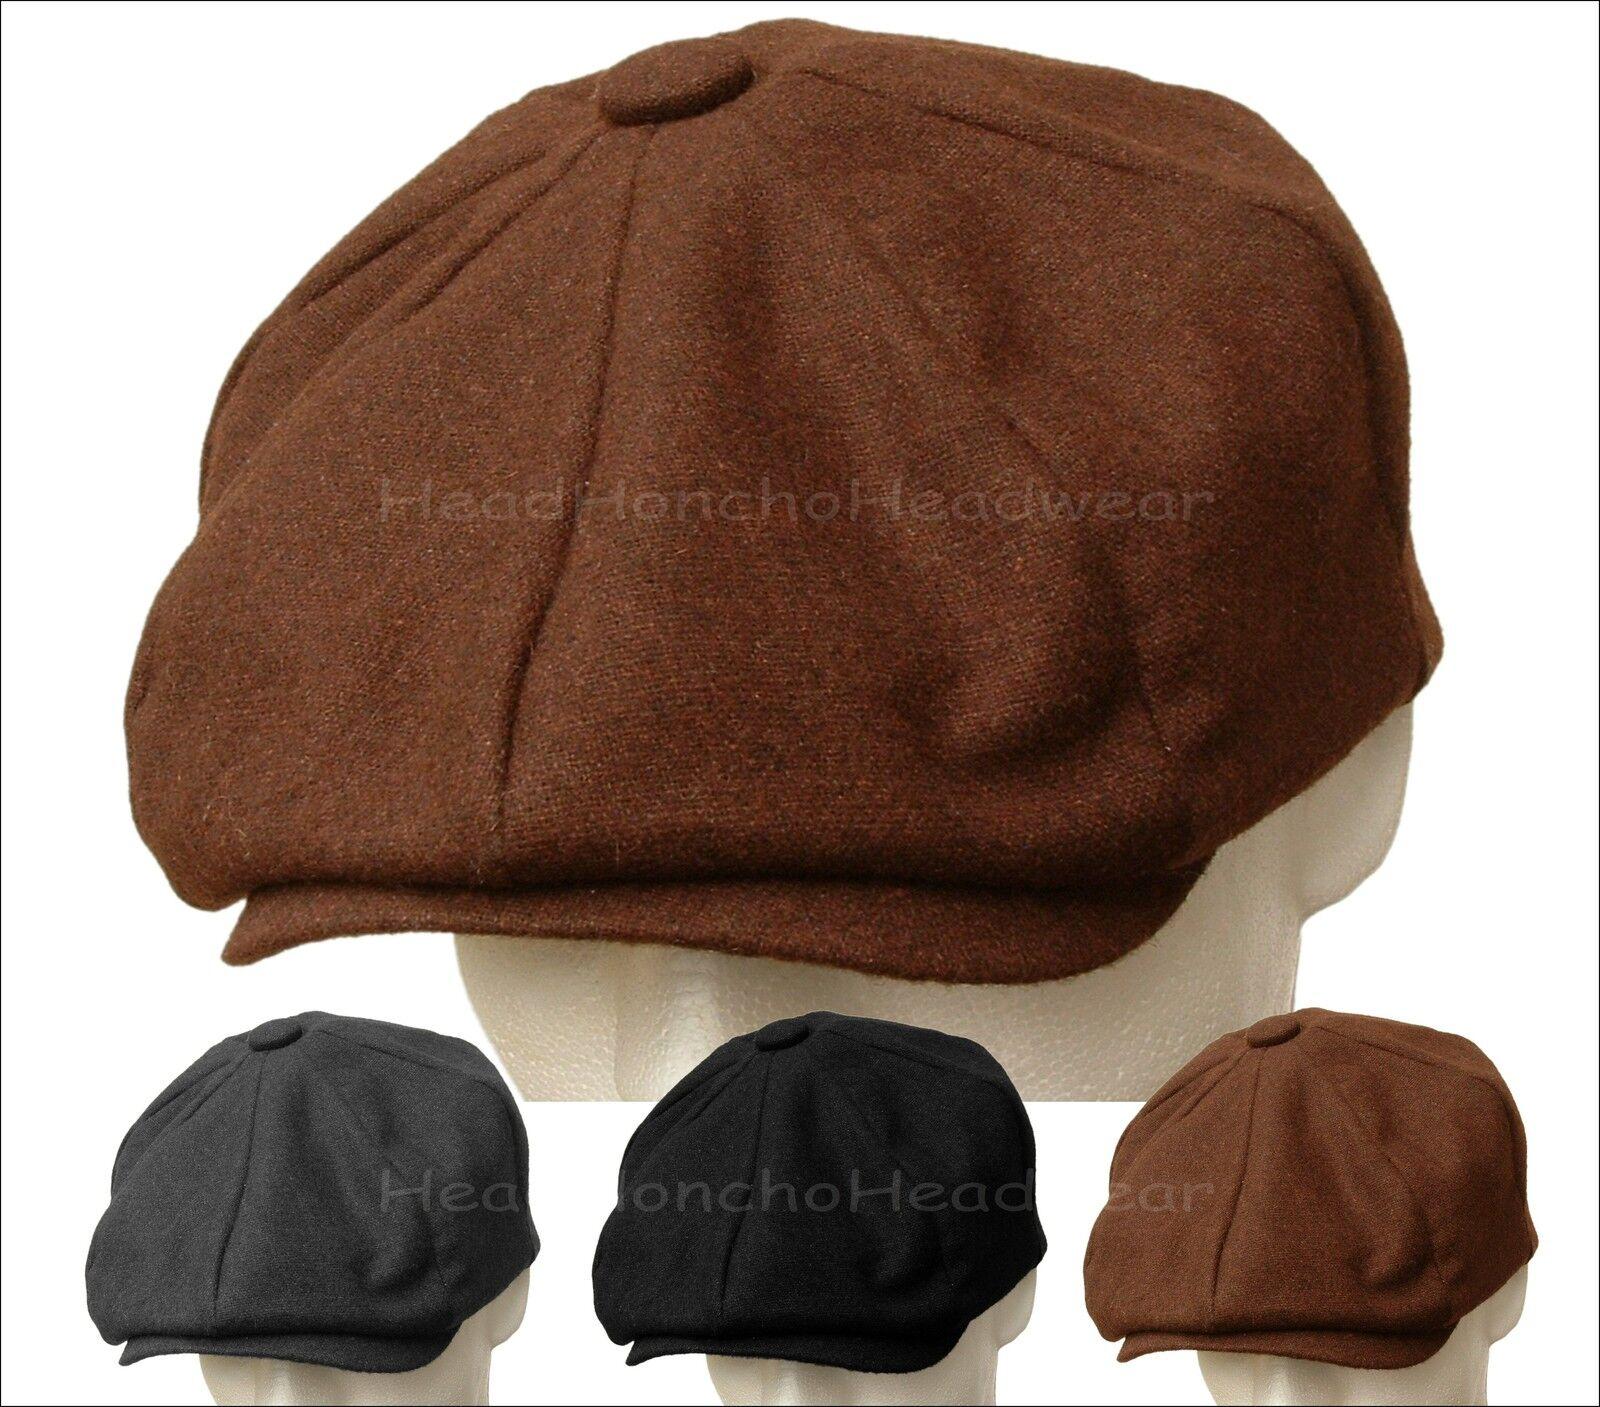 Light Weight Wool Blend Newsboy Cap Golf Gatsby Men Ivy Hat Golf Cap Driving Flat Cabbie 6db687